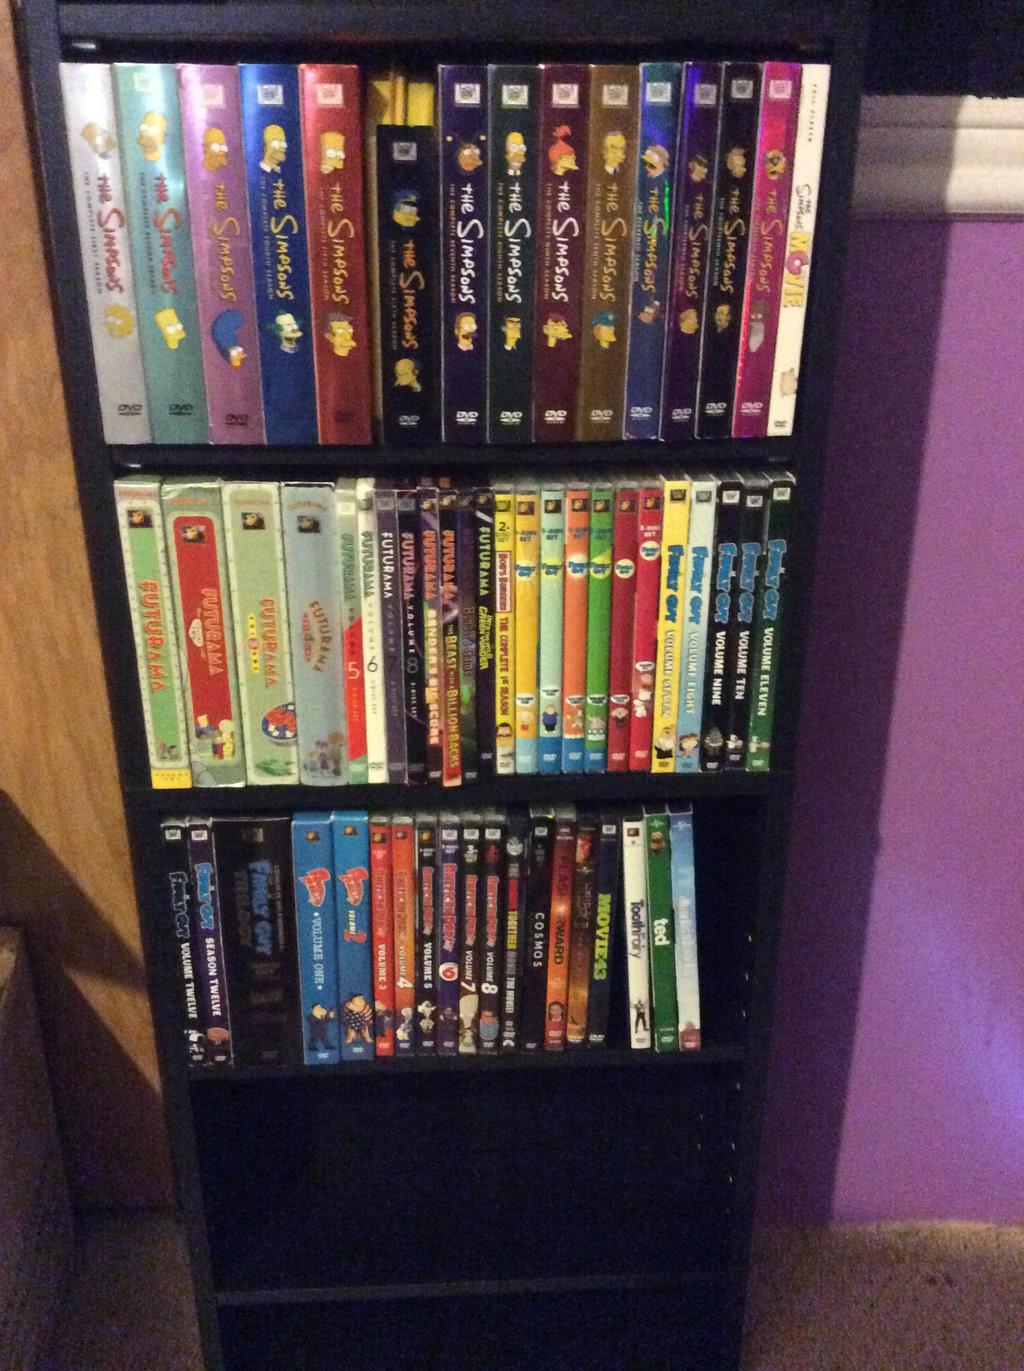 My DVD Collection Pt 1 by Quasie89 on DeviantArt